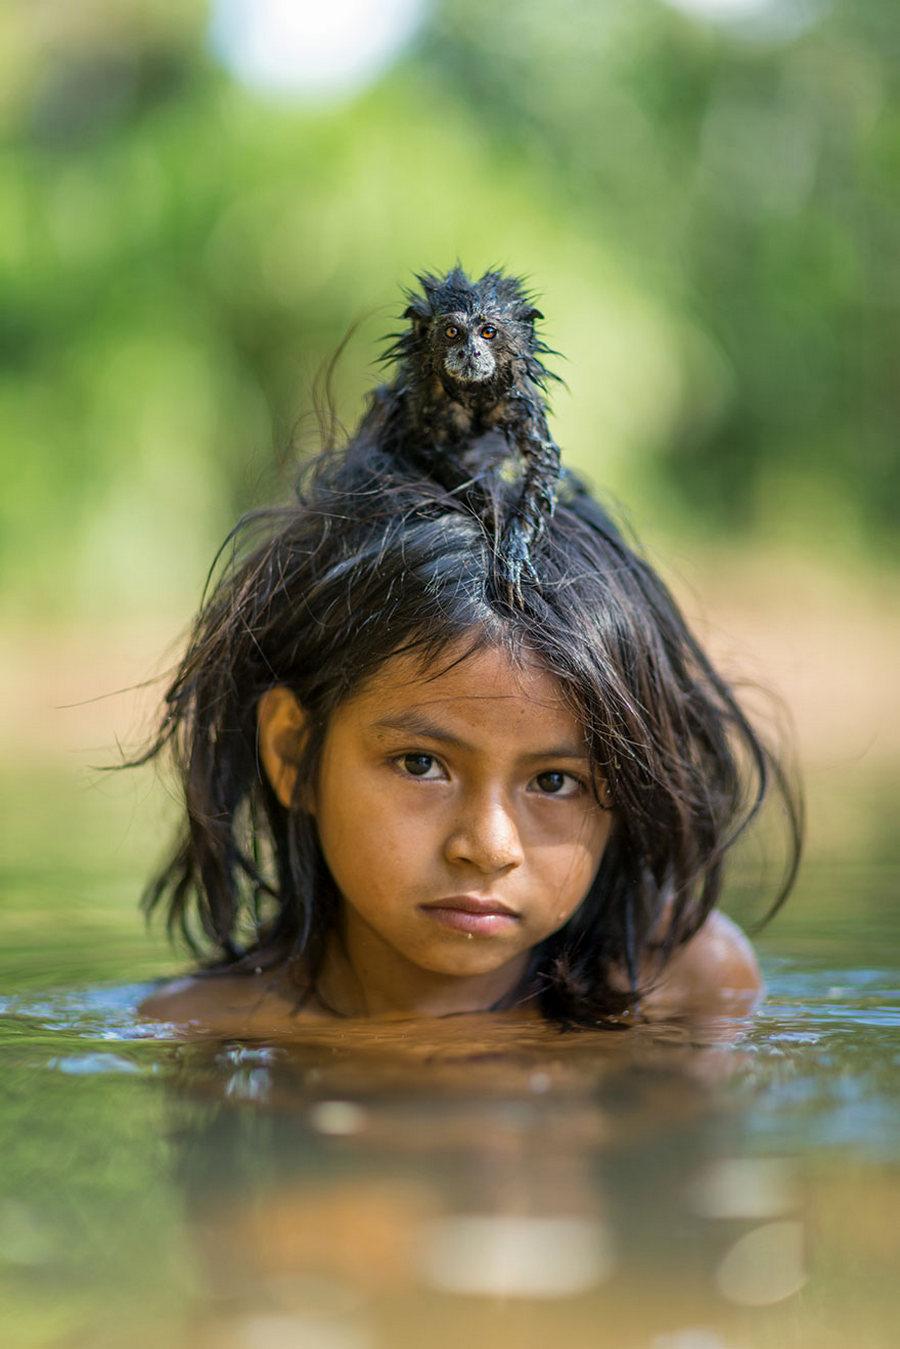 50 лучших фотографий года от National Geographic 4